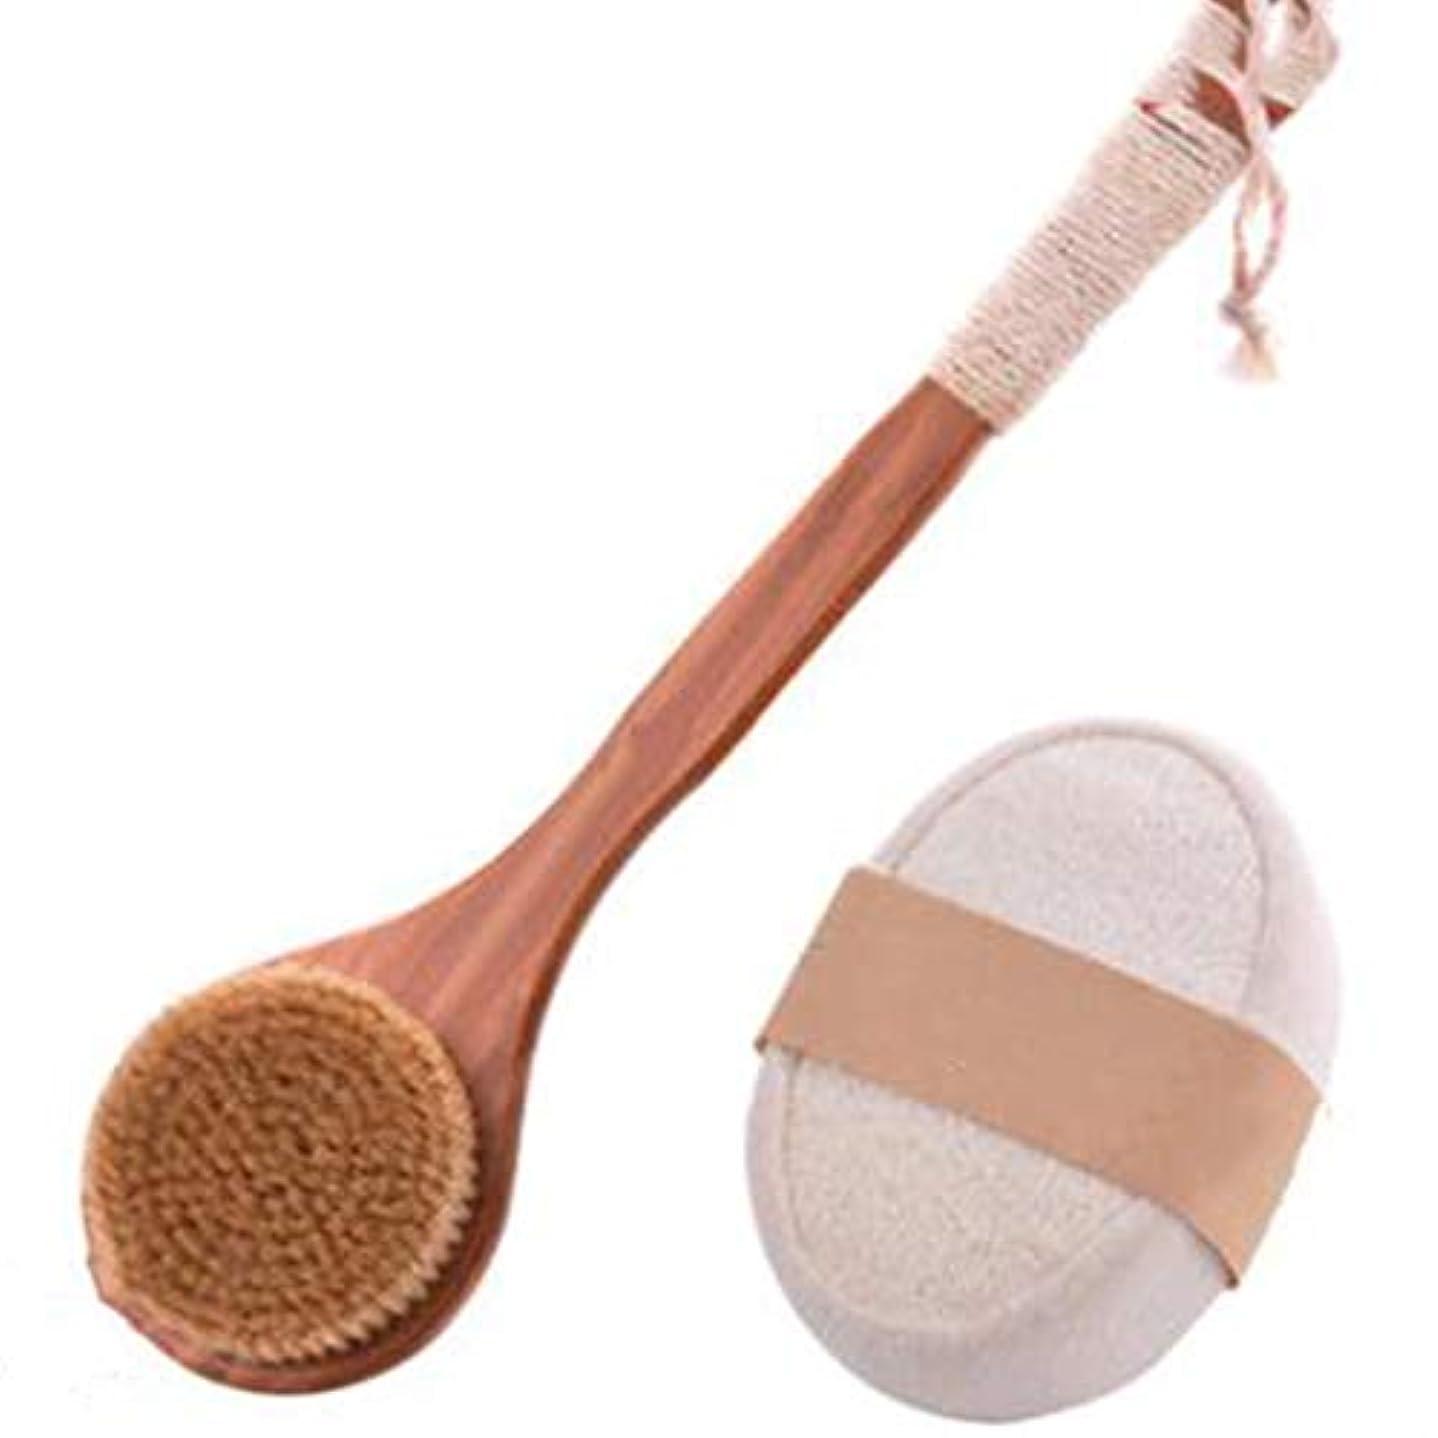 頻繁に無線変形する滑り止めロング木製ハンドル+タオルひょうたんスポンジバスブラシ付きドライバスボディブラシバックスクラバー